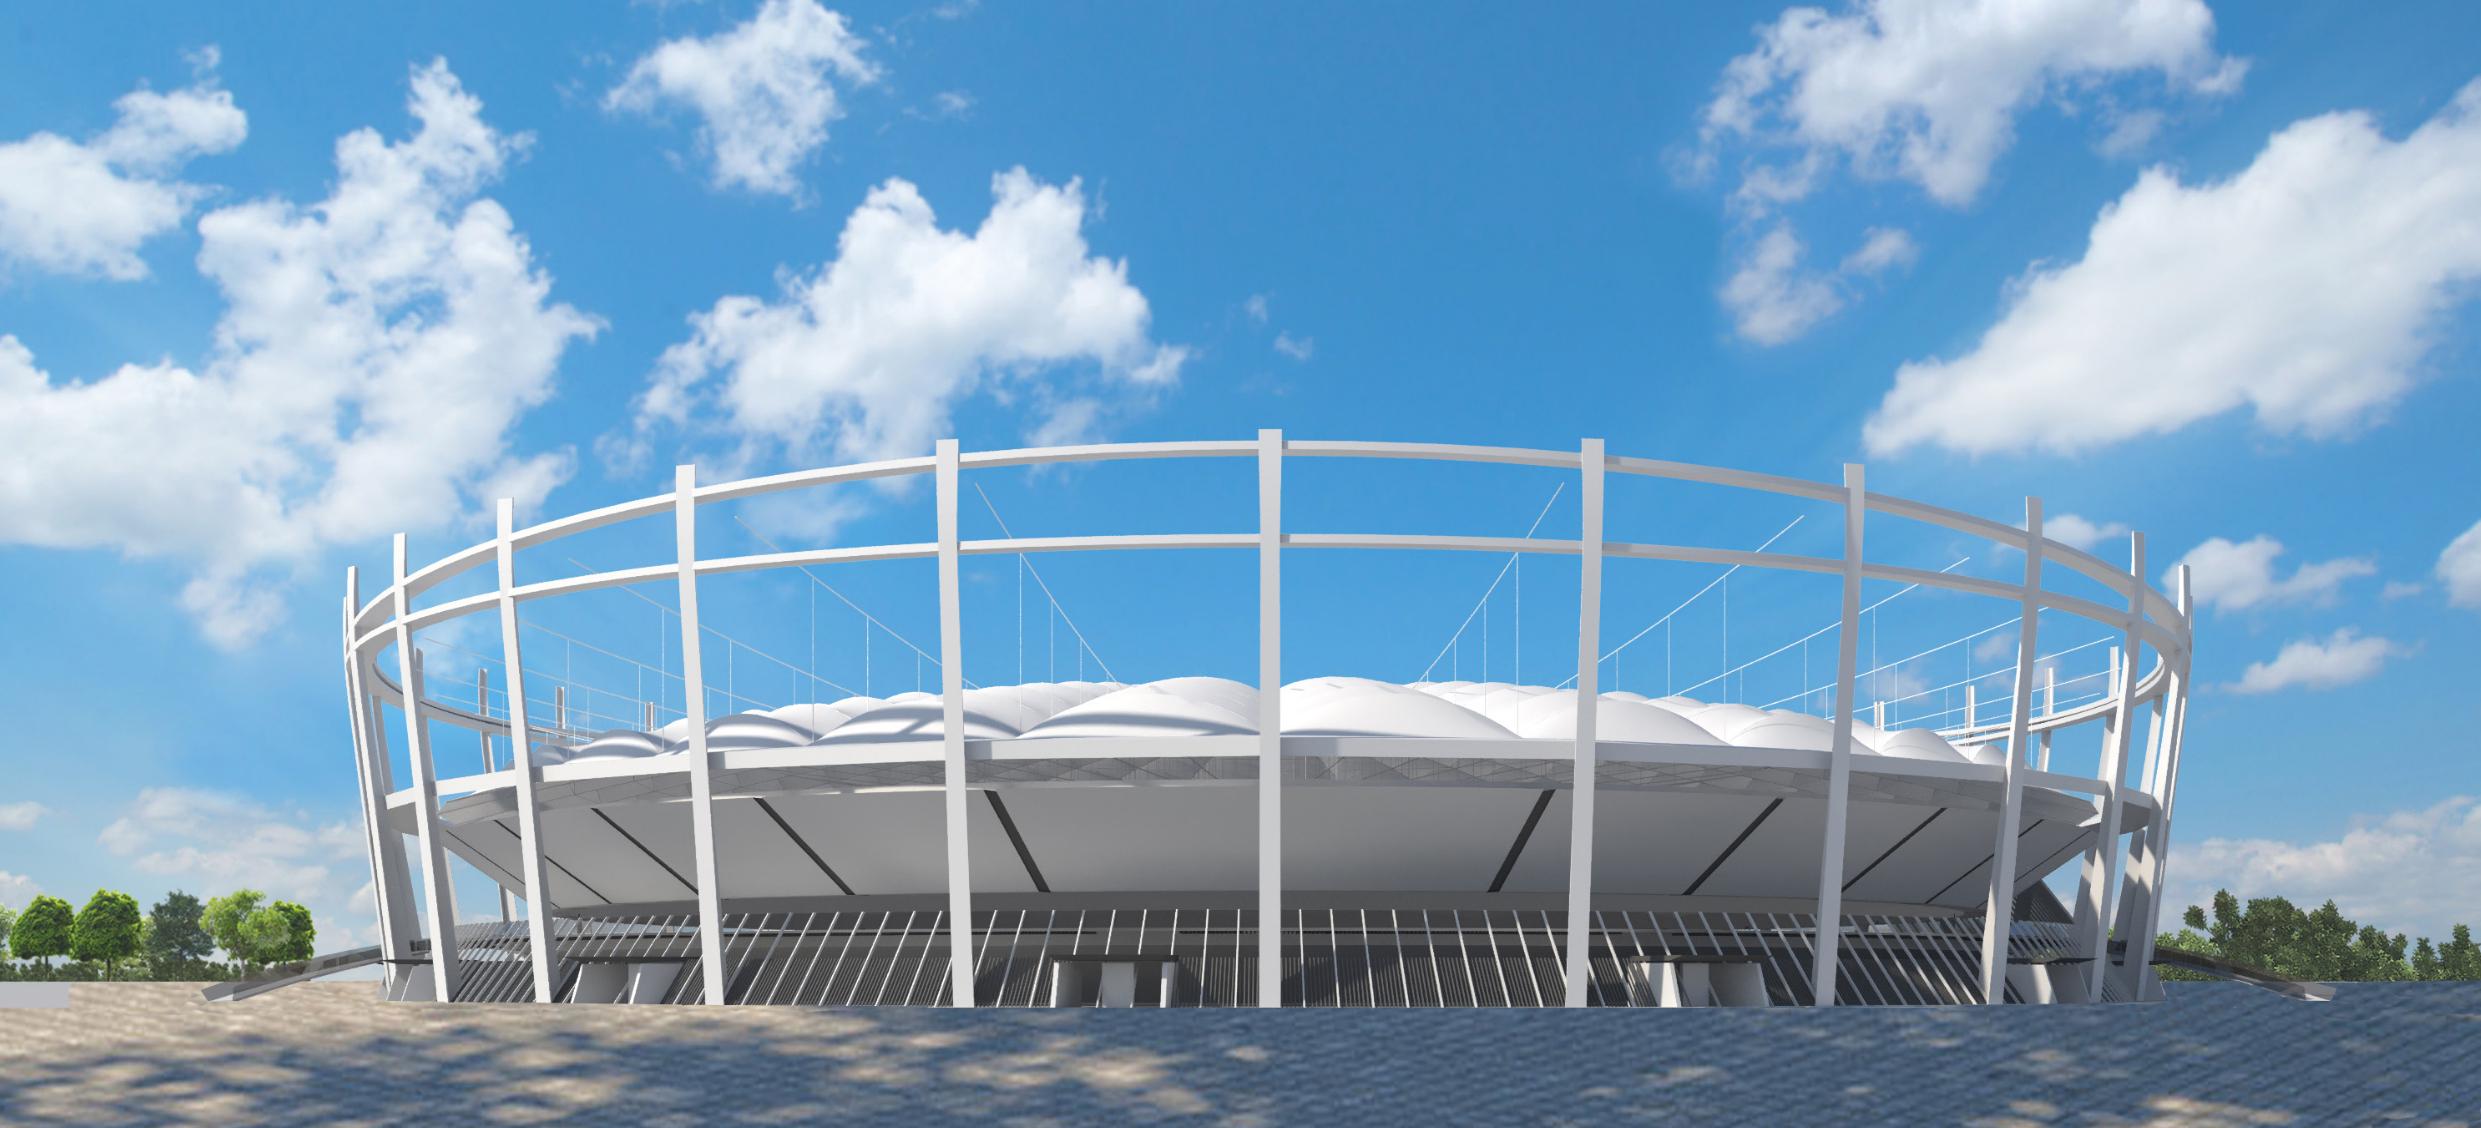 Wizualizacja nowego stadionu żużlowego (Fot. UM Lublin)